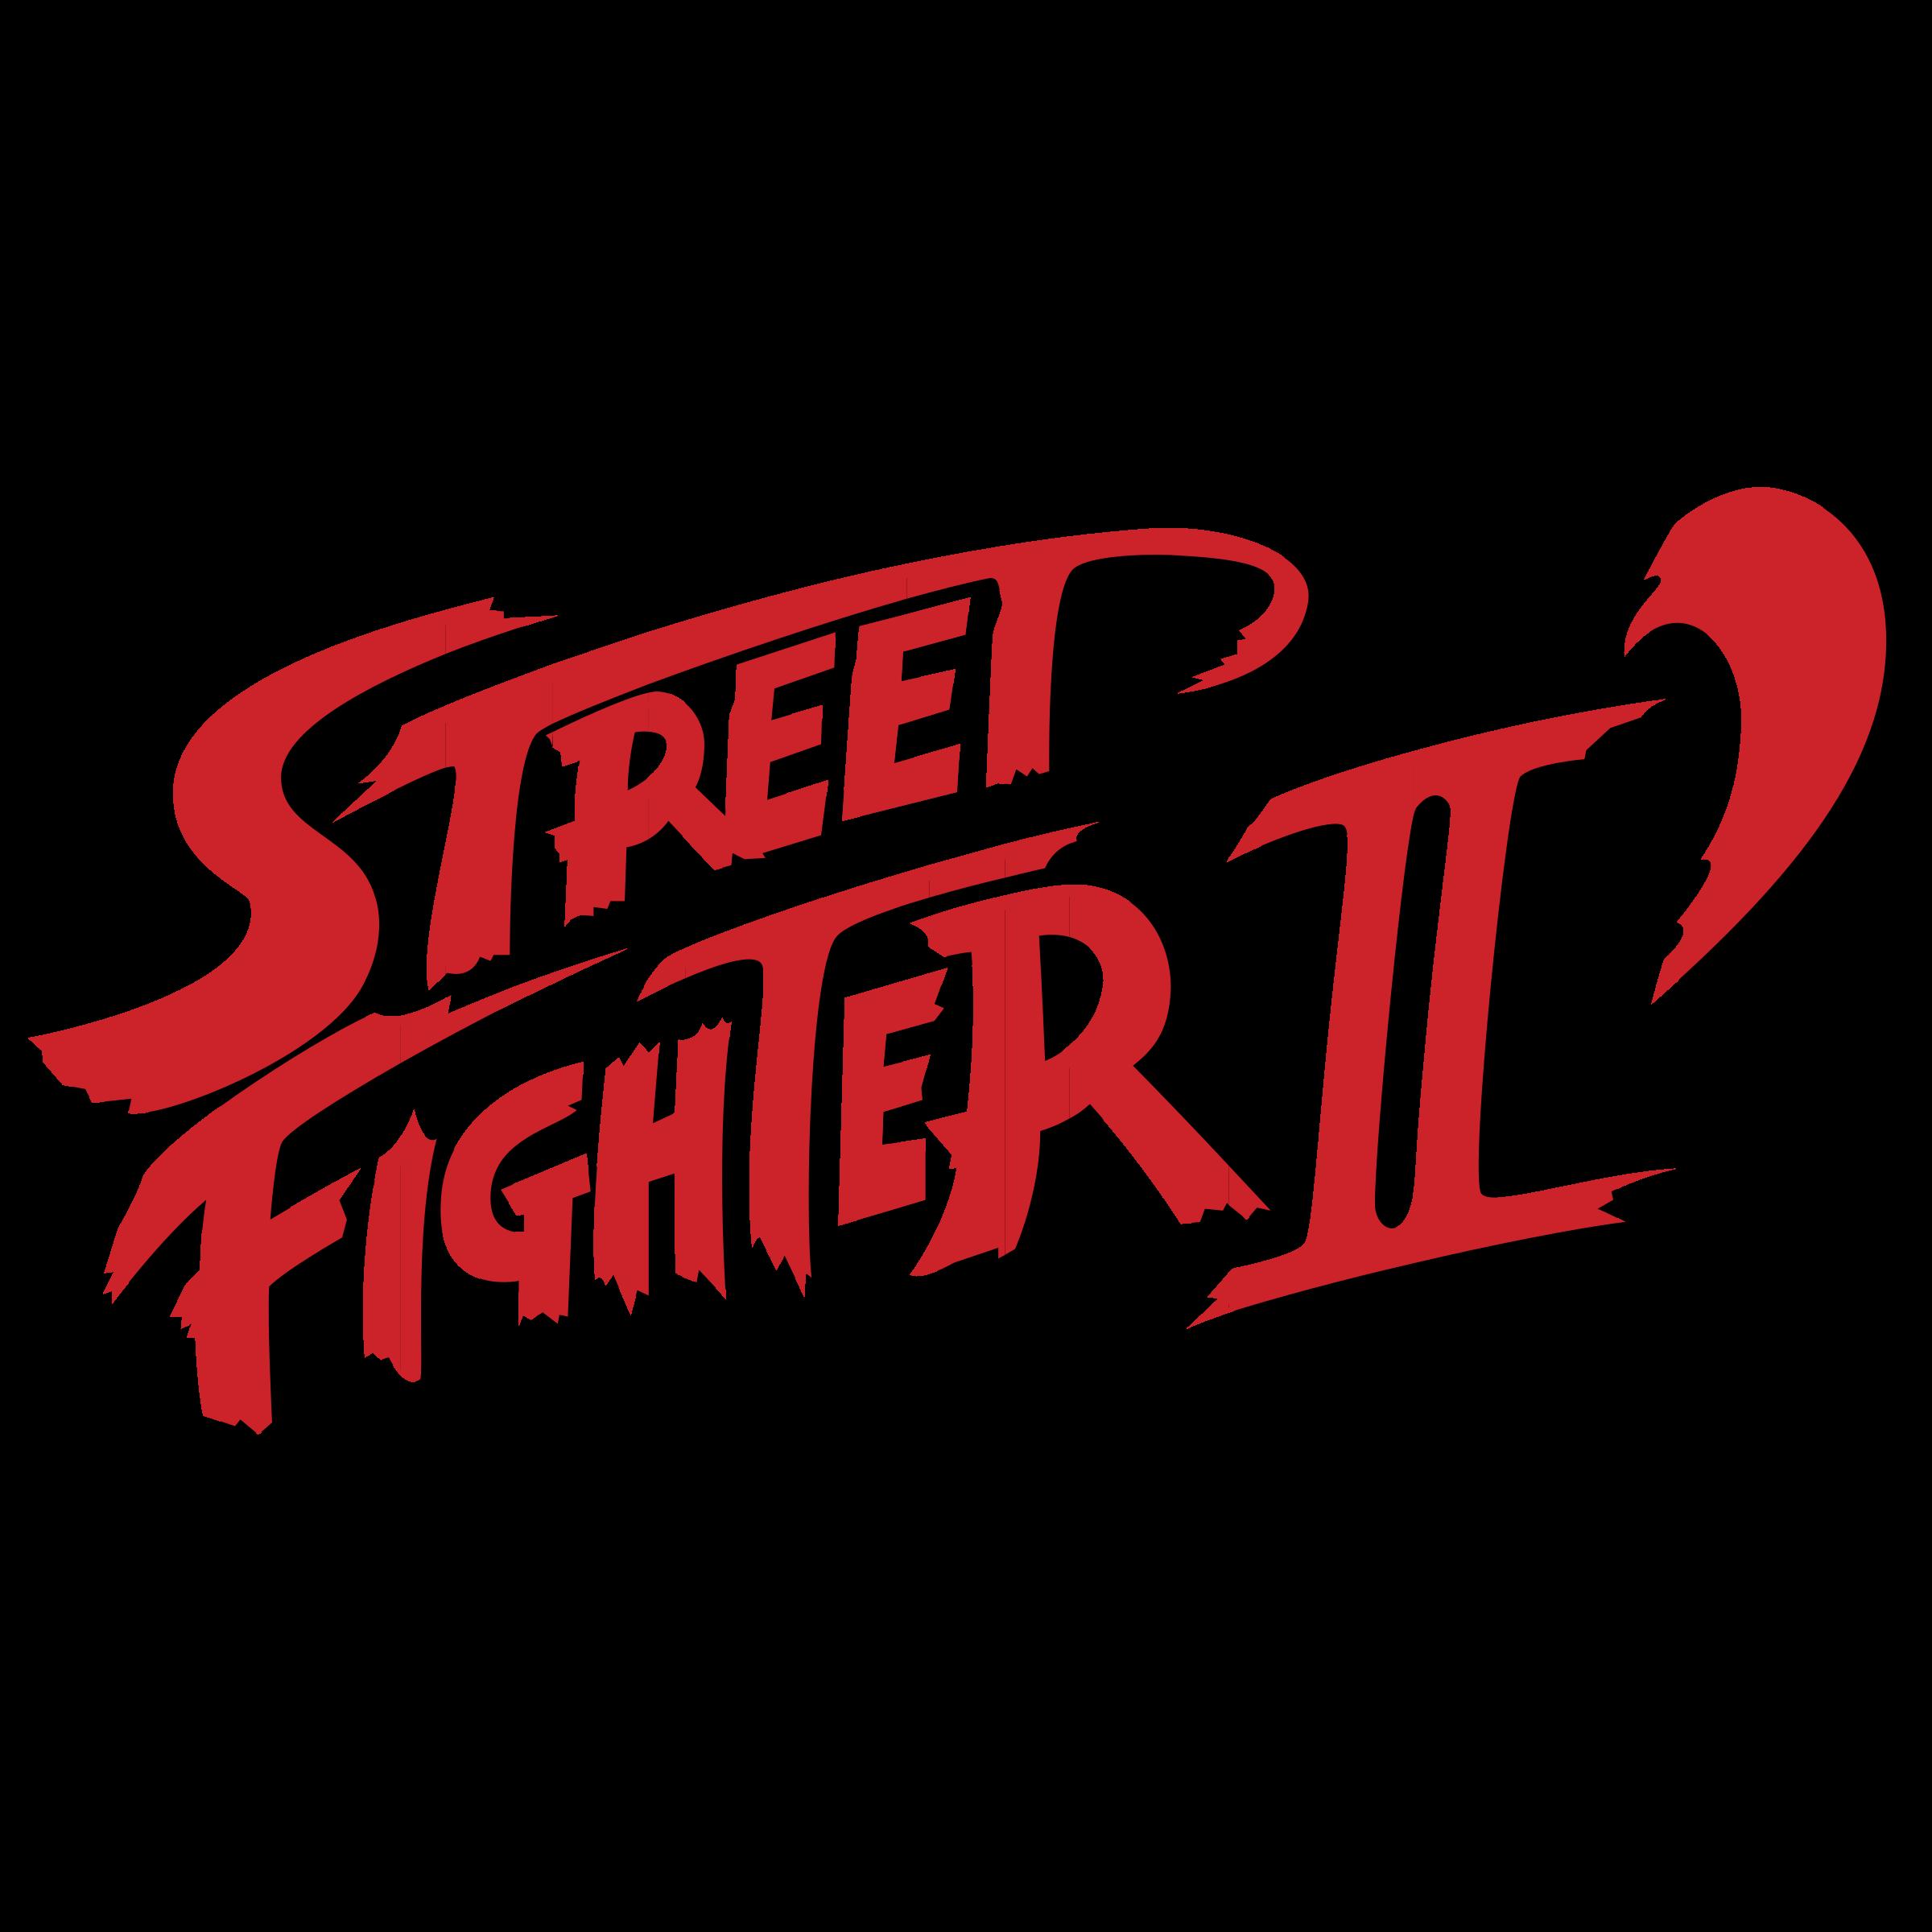 Street Fighter II Logo PNG Transparent & SVG Vector.